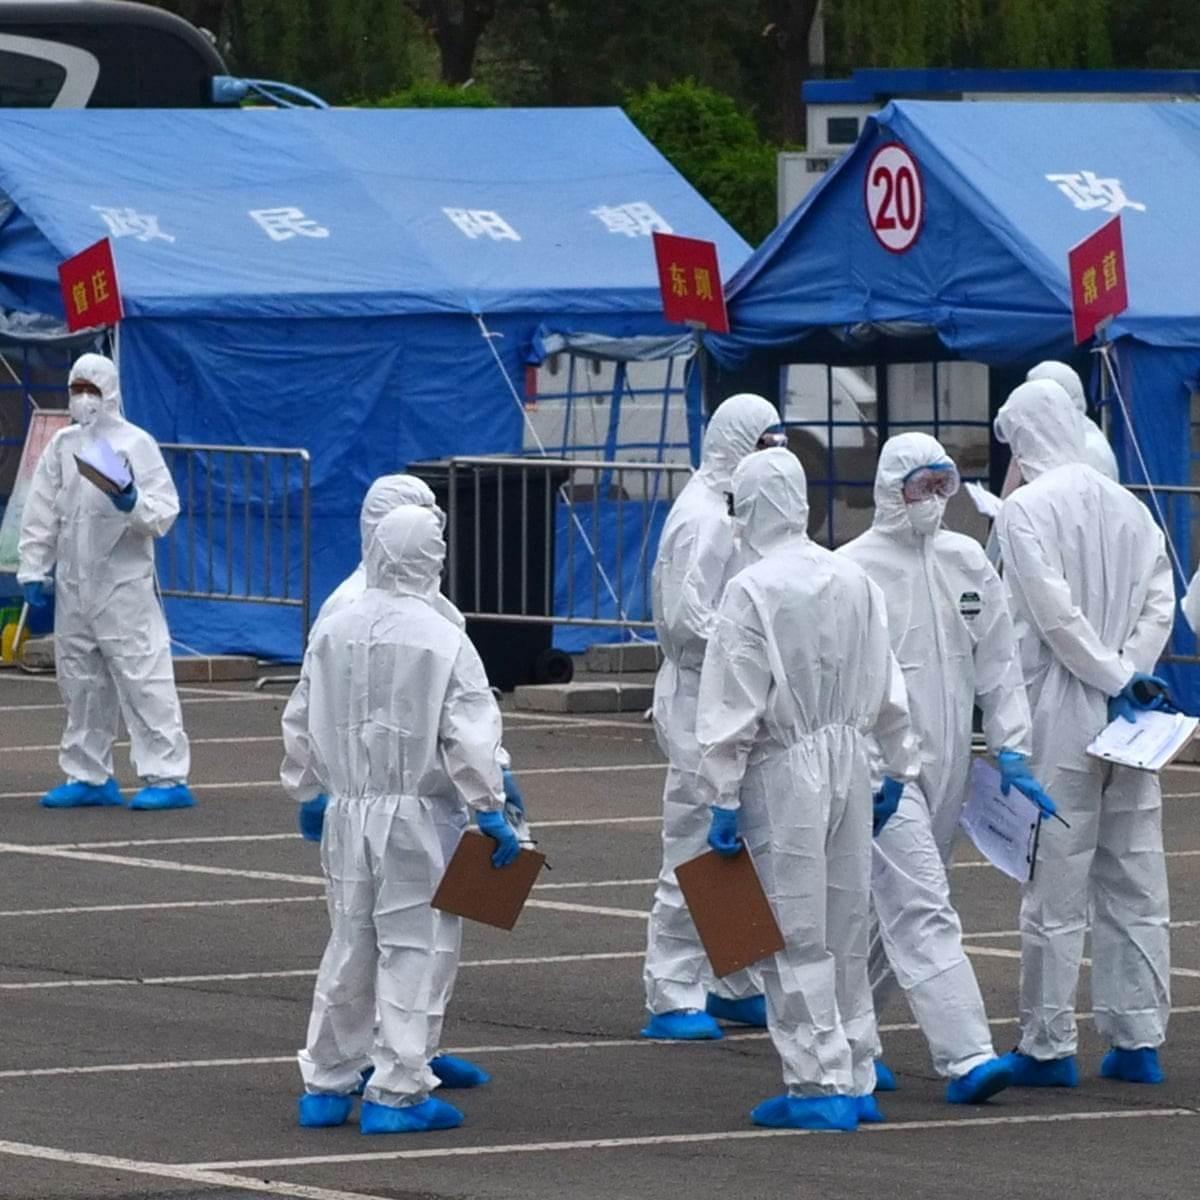 وسع بكين دائرة الفحص عن كورونا منذ ظهور سلسلة من حالات العدوى في سوق لبيع الأغذية